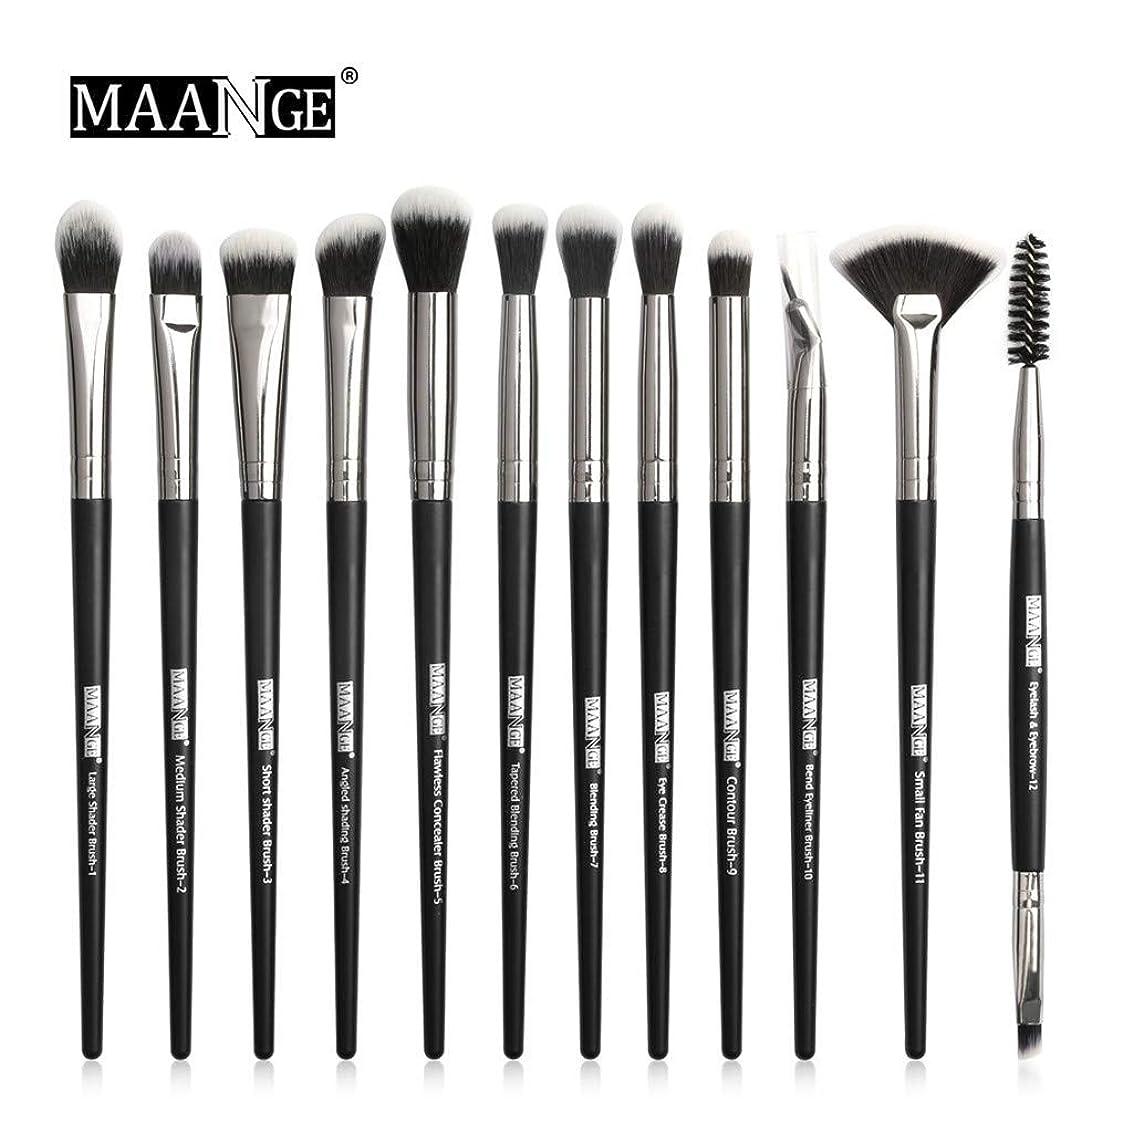 悪の以上絡み合いAkane 12本 MAANGE 気質的 高級 上等 綺麗 柔らかい 多機能 美感 アイメイク 魅力的 おしゃれ たっぷり 激安 セット 日常 仕事 Makeup Brush メイクアップブラシ